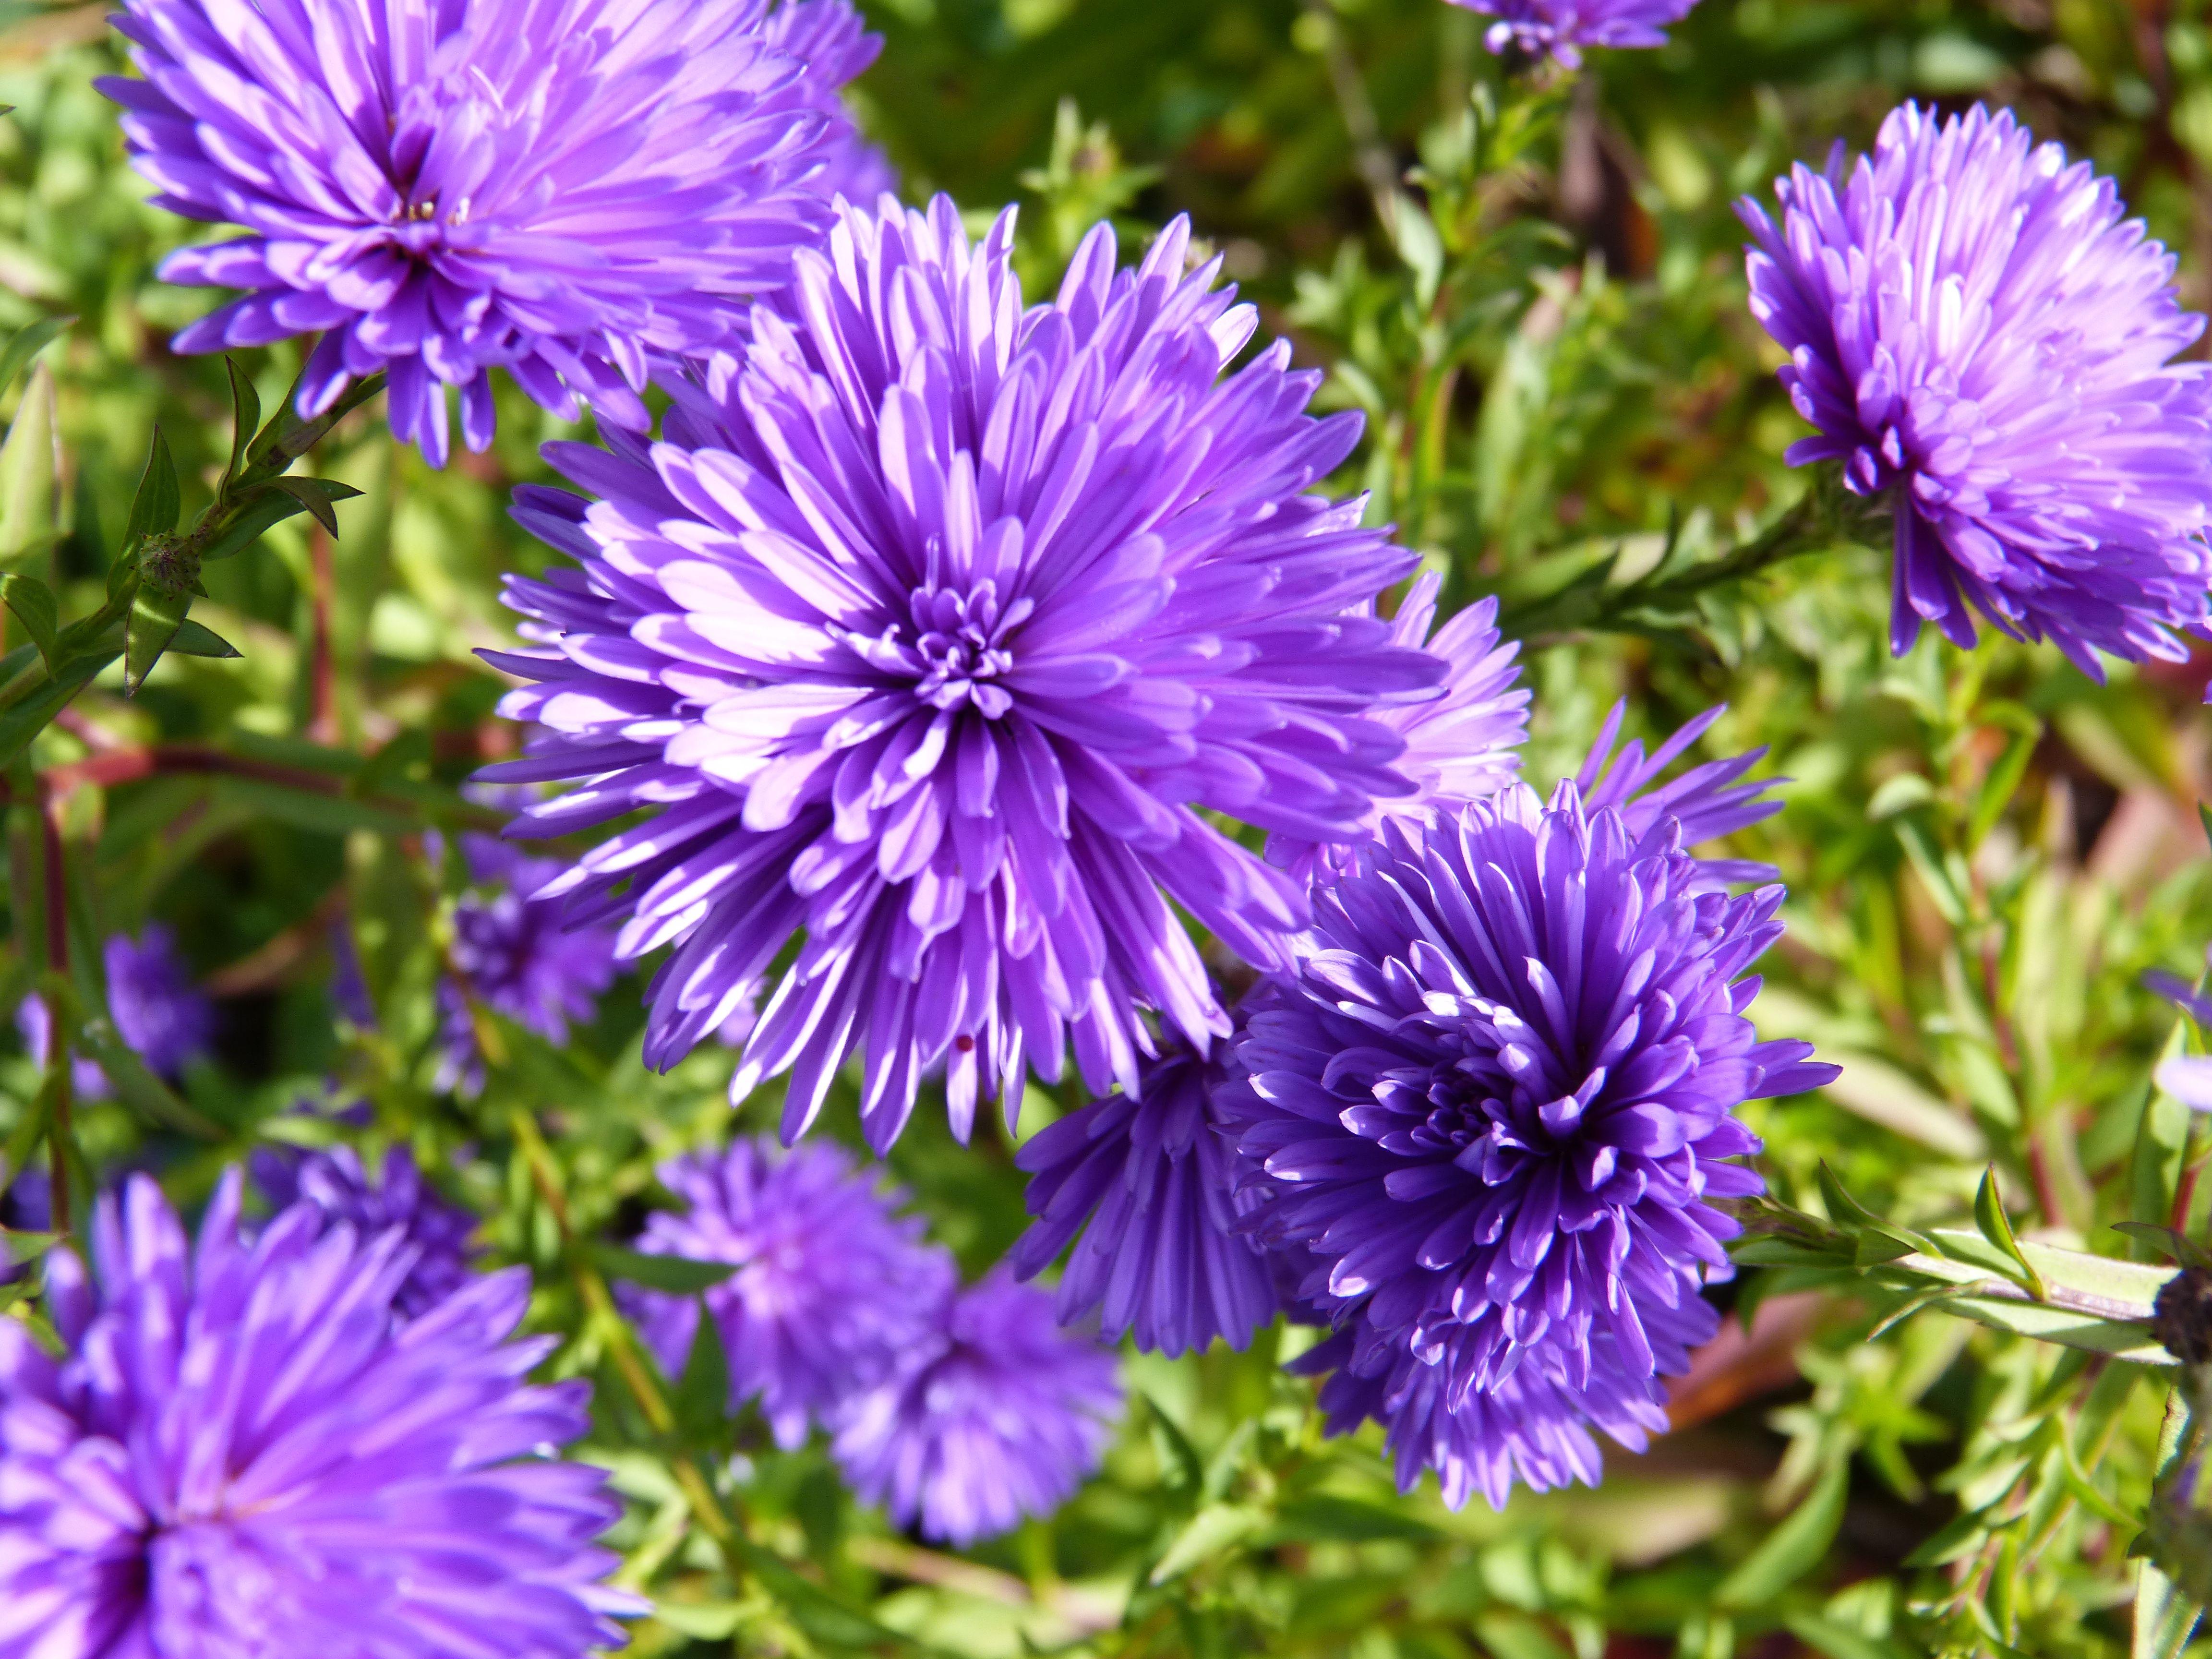 Aster Ou Asteracees Floraison De Juin A Decembre Dans Le Centre